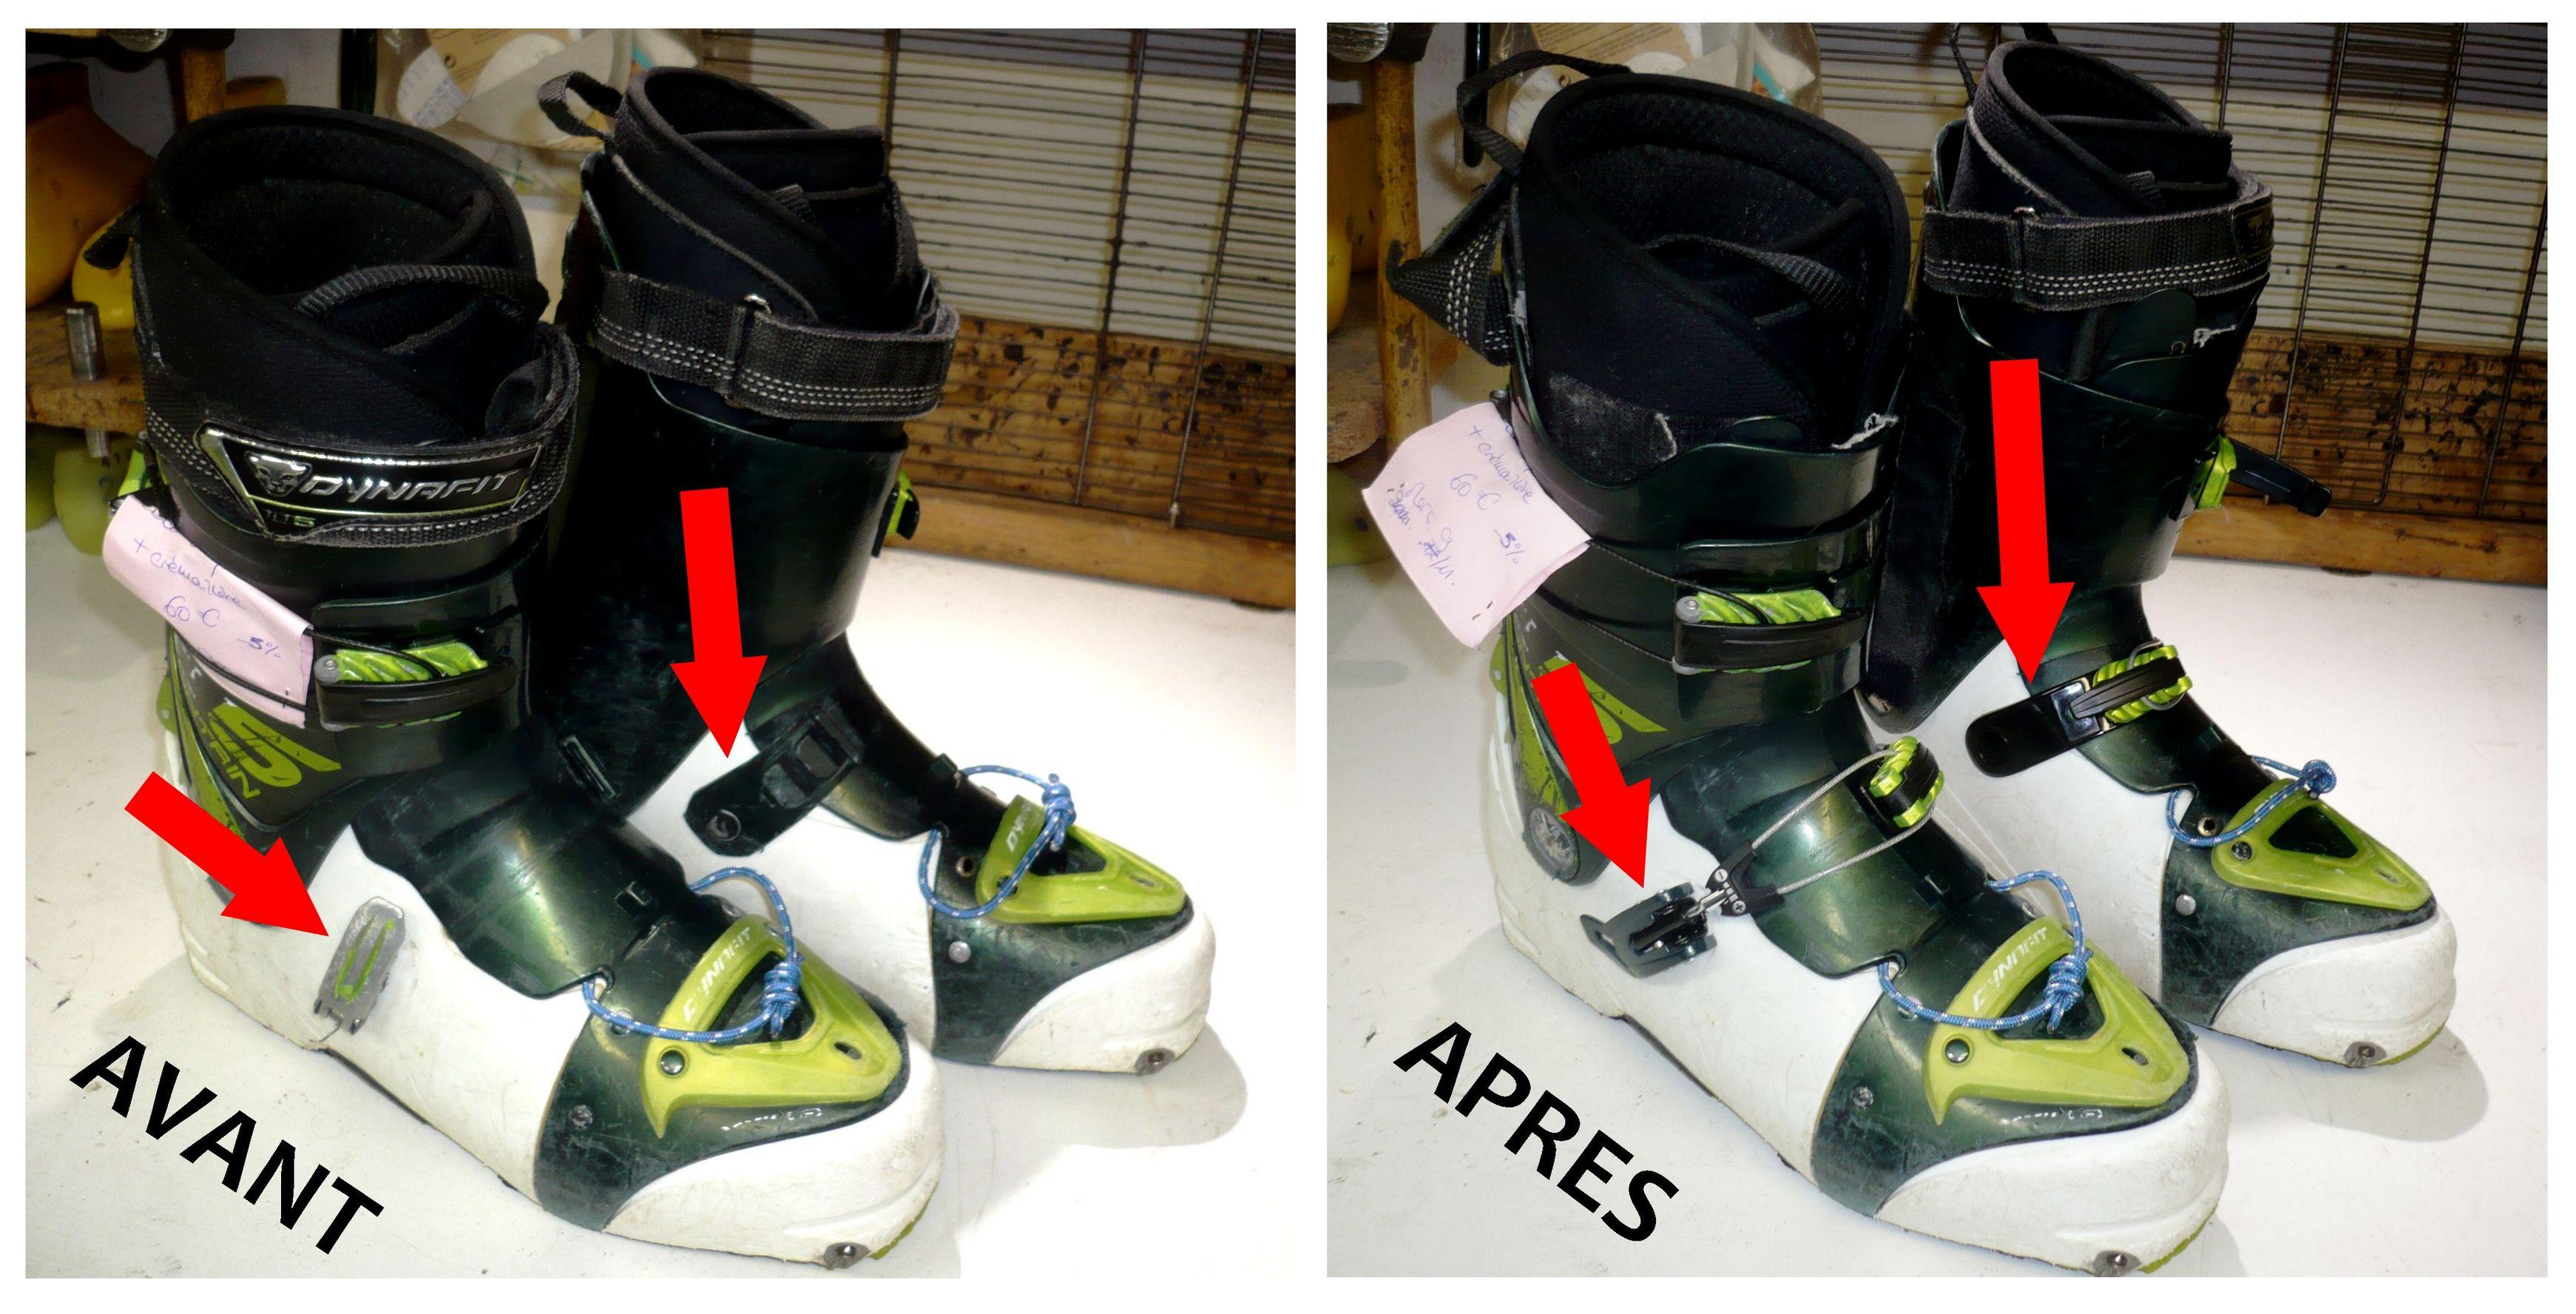 chaussures chaussons et Réparation de Montagne ski de Le ski Chausse v8n0Nmw